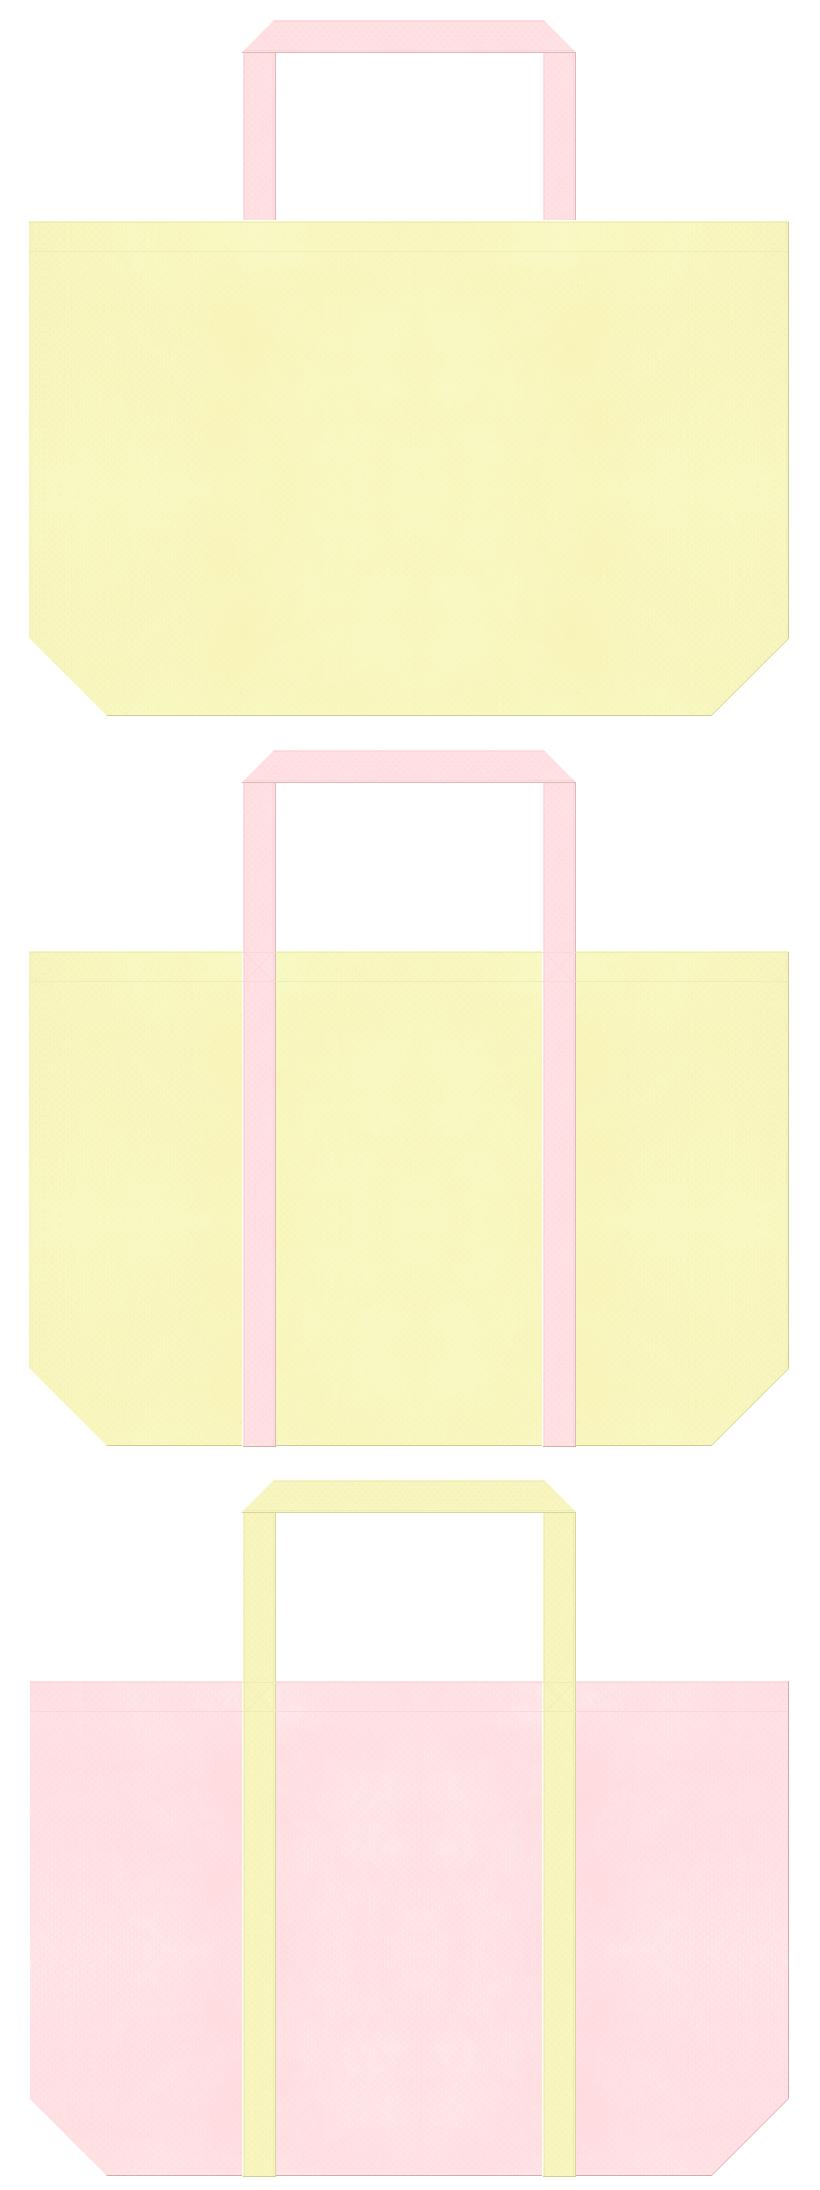 優しさ・ゆるさ・リラックス・絵本・おとぎ話・保育・福祉・介護・医療・七五三・入園・入学・ひな祭り・パステルカラー・ガーリーデザイン・ムーンライト・バタフライ・ピーチ・ファンシー・フラワーショップにお奨めの不織布バッグデザイン:薄黄色と桜色のコーデ